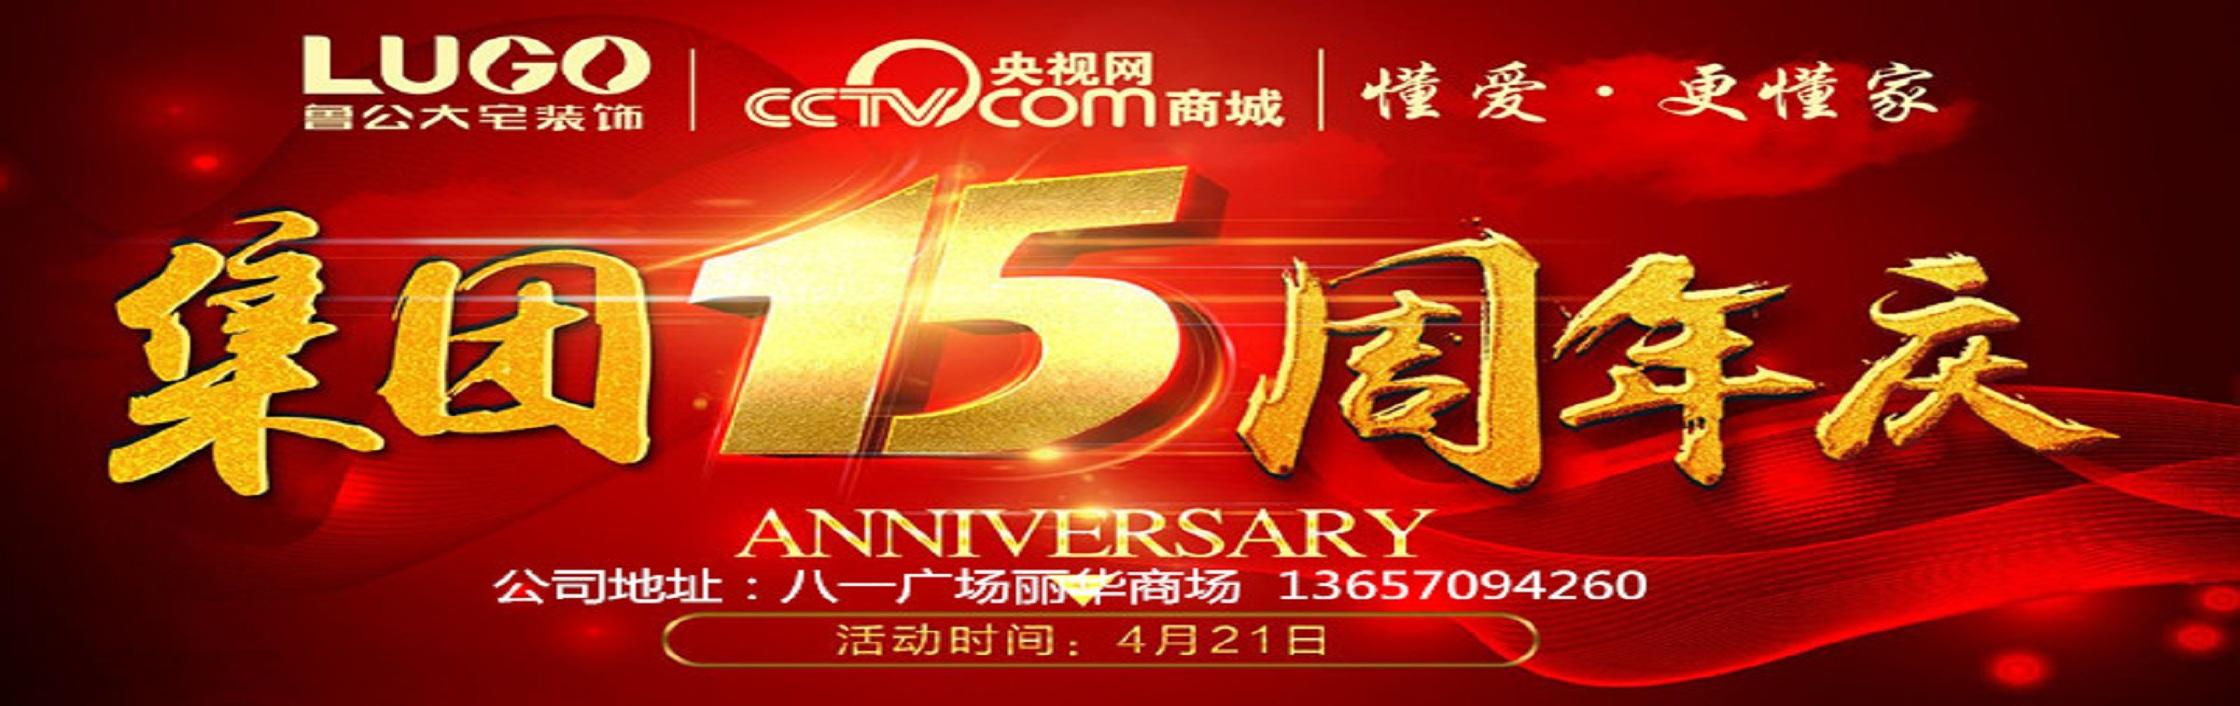 集团15周年庆